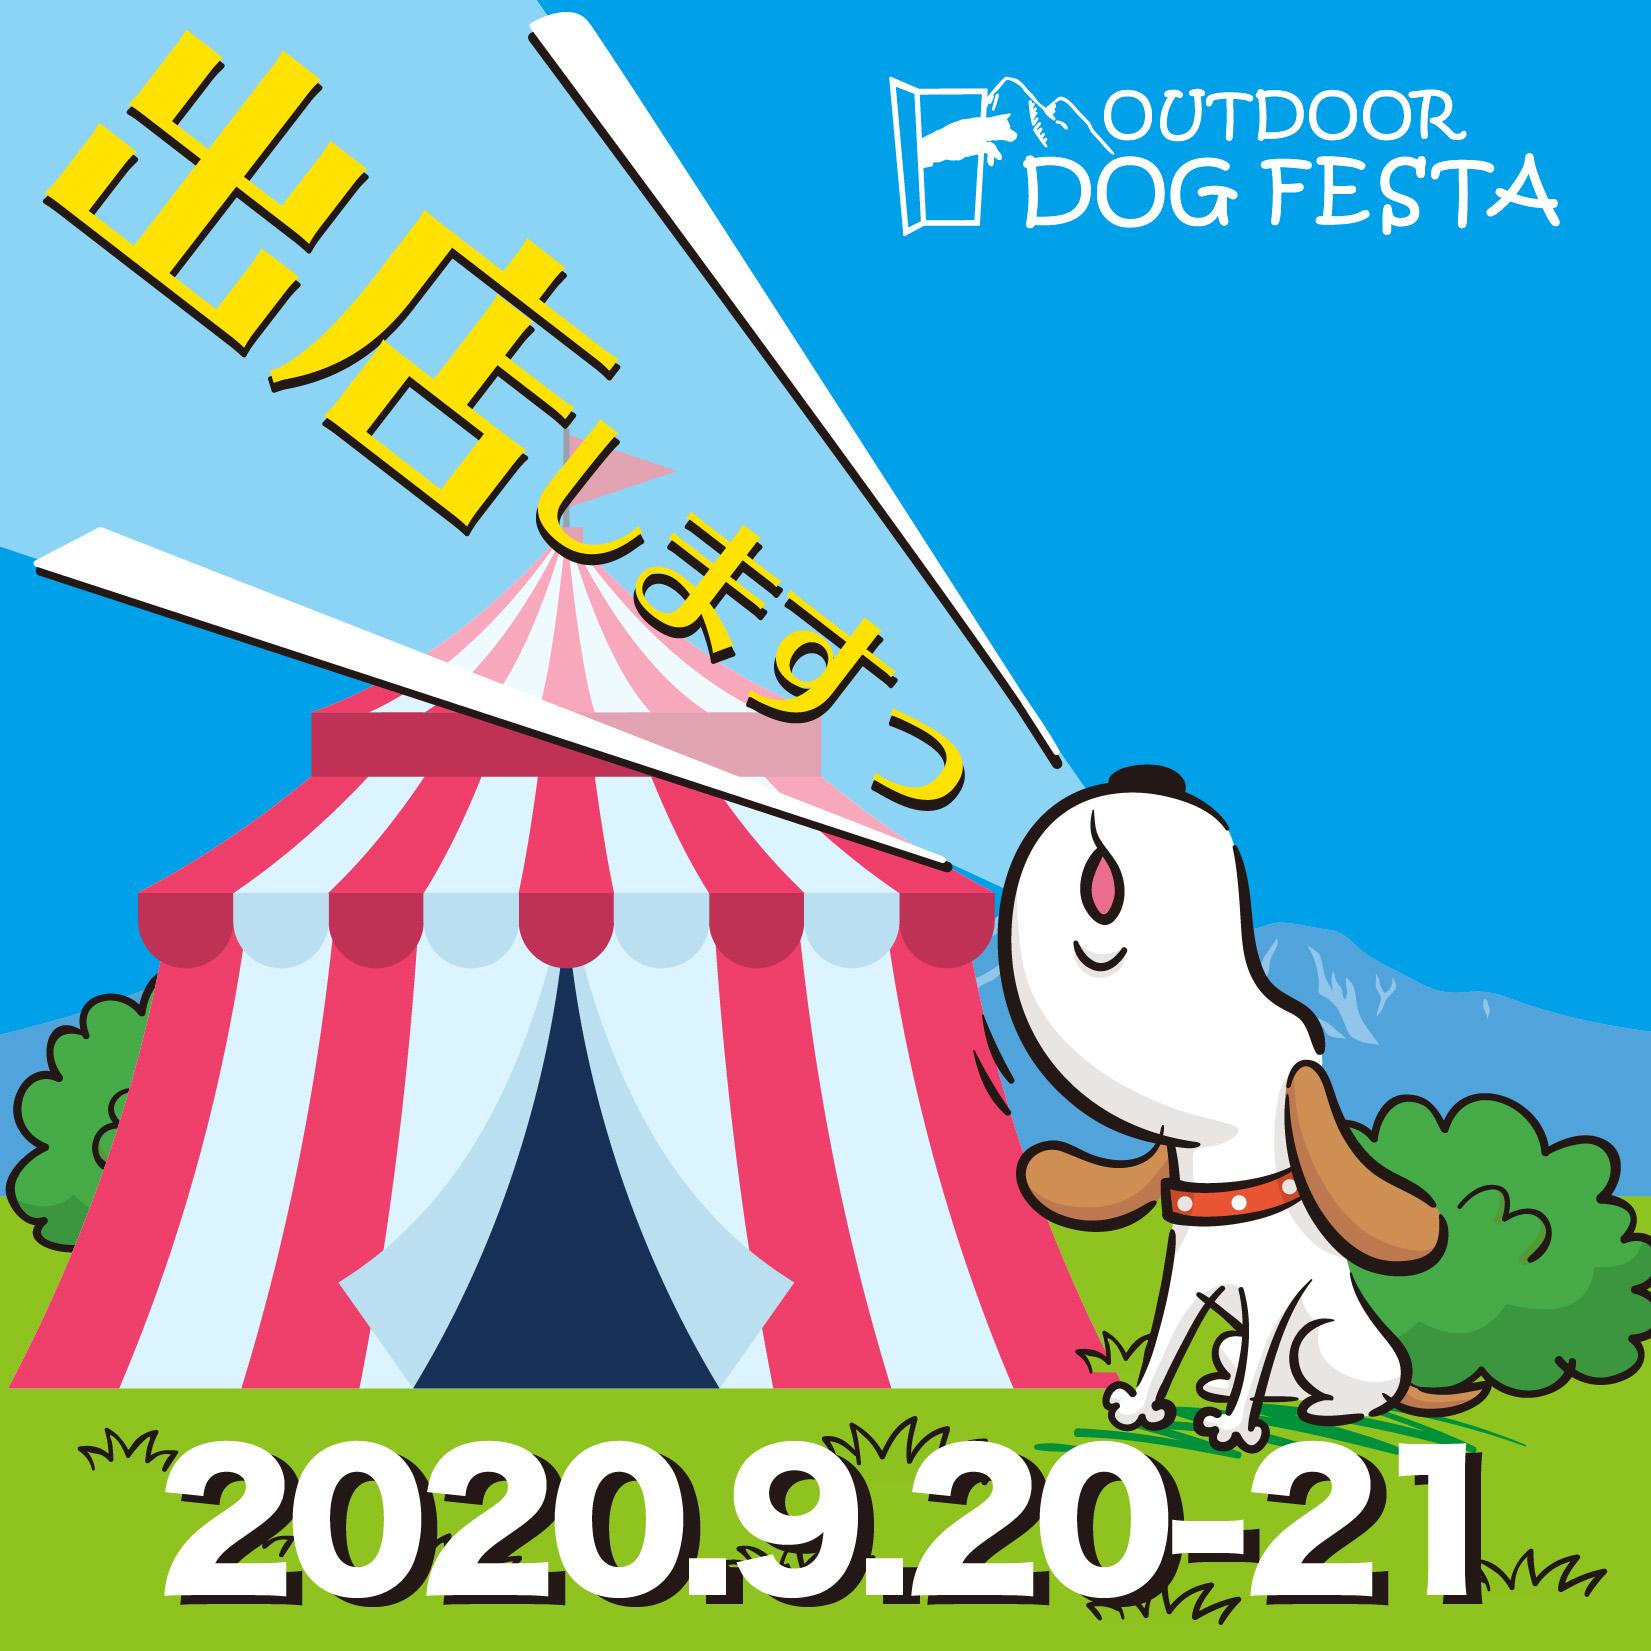 9月20日、21日 八ヶ岳アウトドアドッグフェスタに出店します